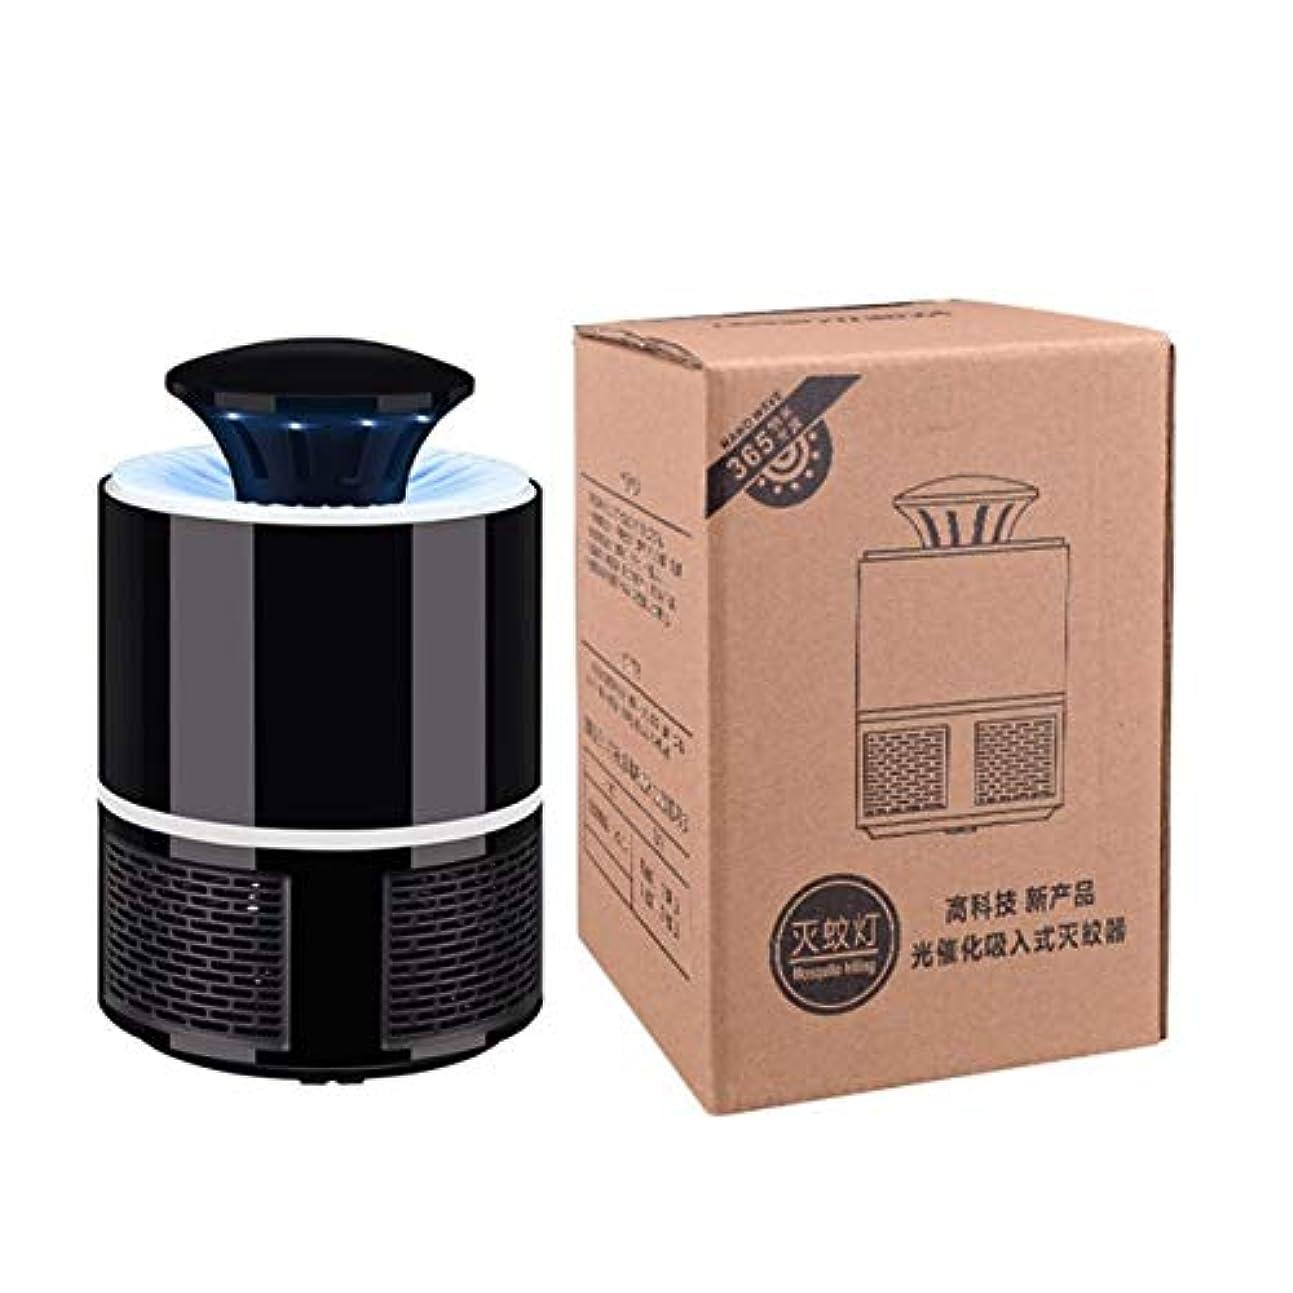 突進不道徳広範囲にSaikogoods USB無放射電子モスキートキラーライトランプ家庭の使用は USBモスキートトラップバグ昆虫ザッパーLEDライト 黒